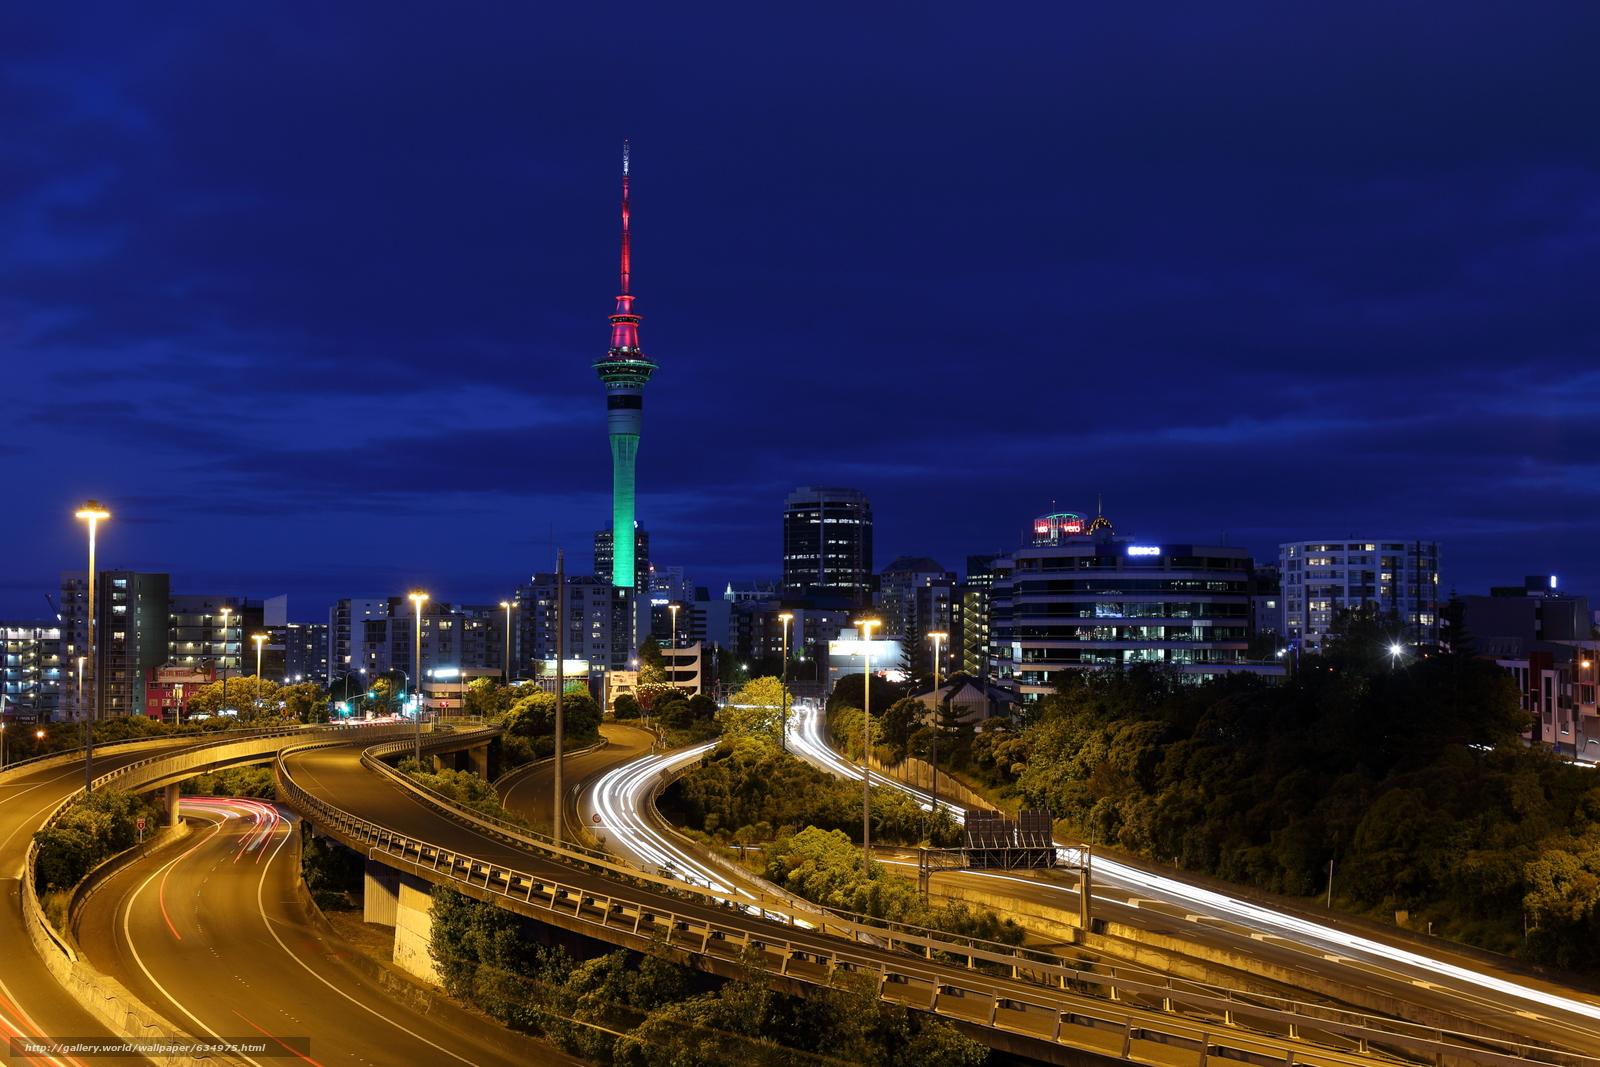 Скачать обои Auckland,  New Zealand,  город бесплатно для рабочего стола в разрешении 2700x1800 — картинка №634975